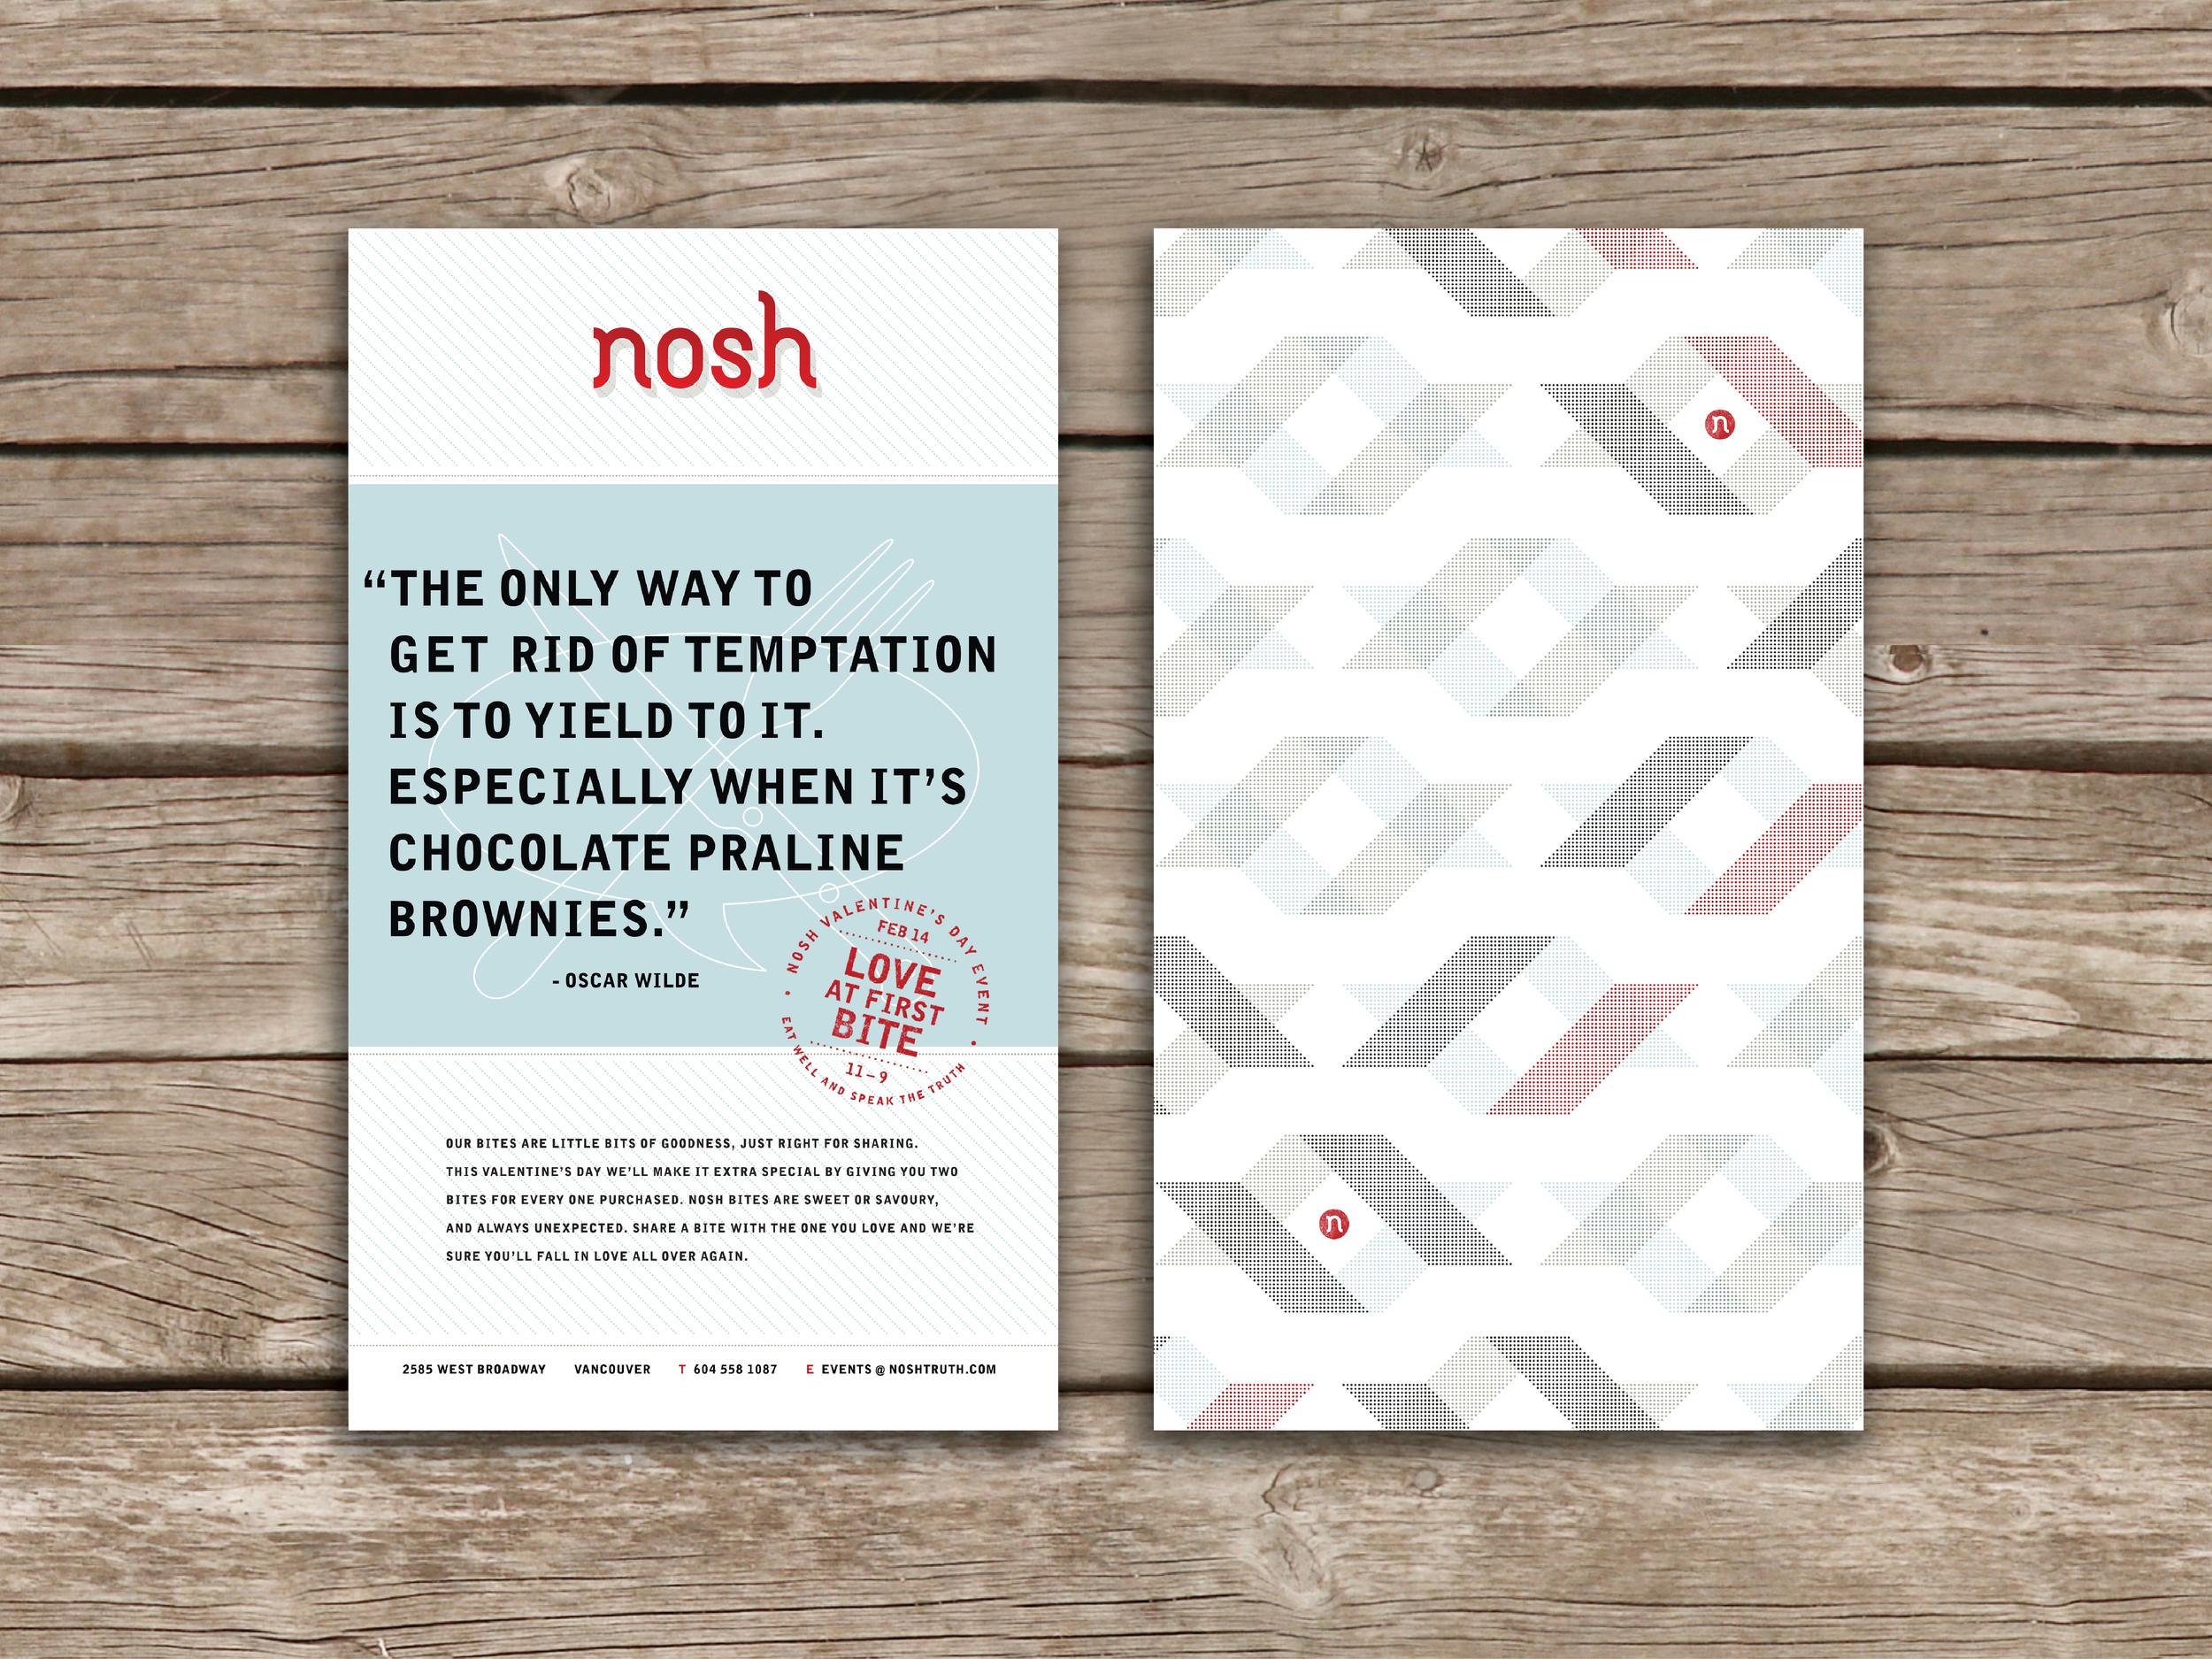 nosh-loveatfirstbite.jpg